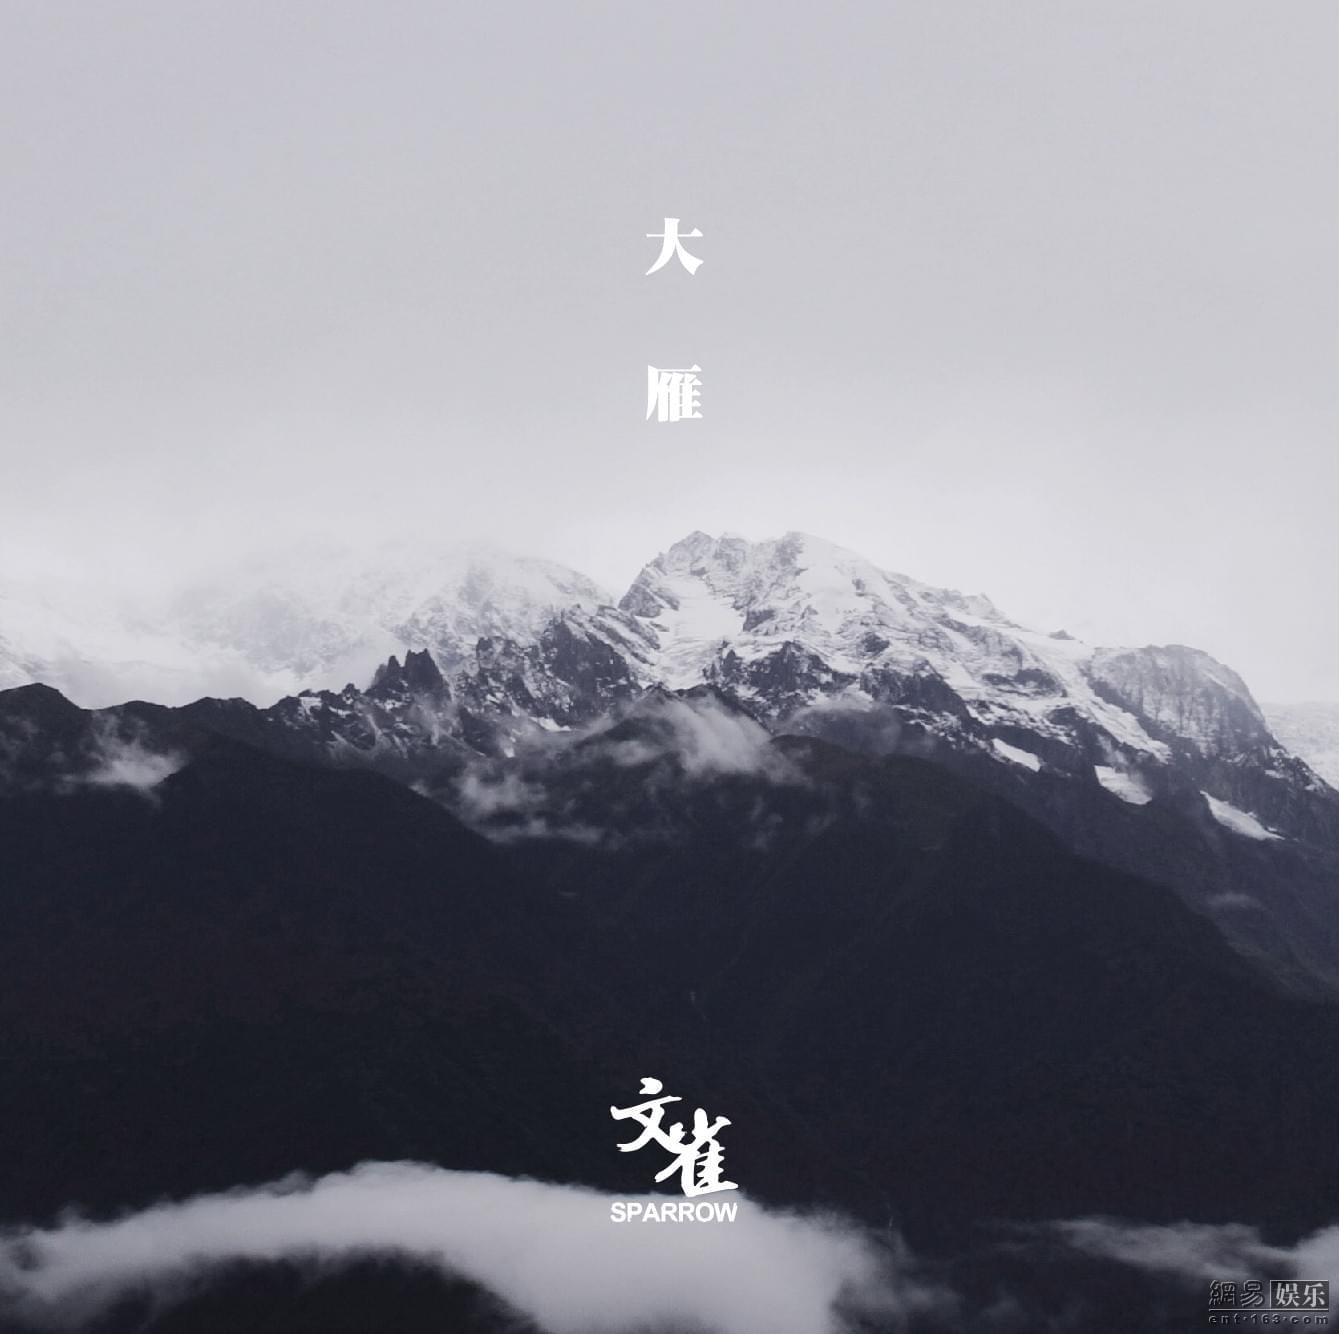 文雀台版专辑-大雁-封面